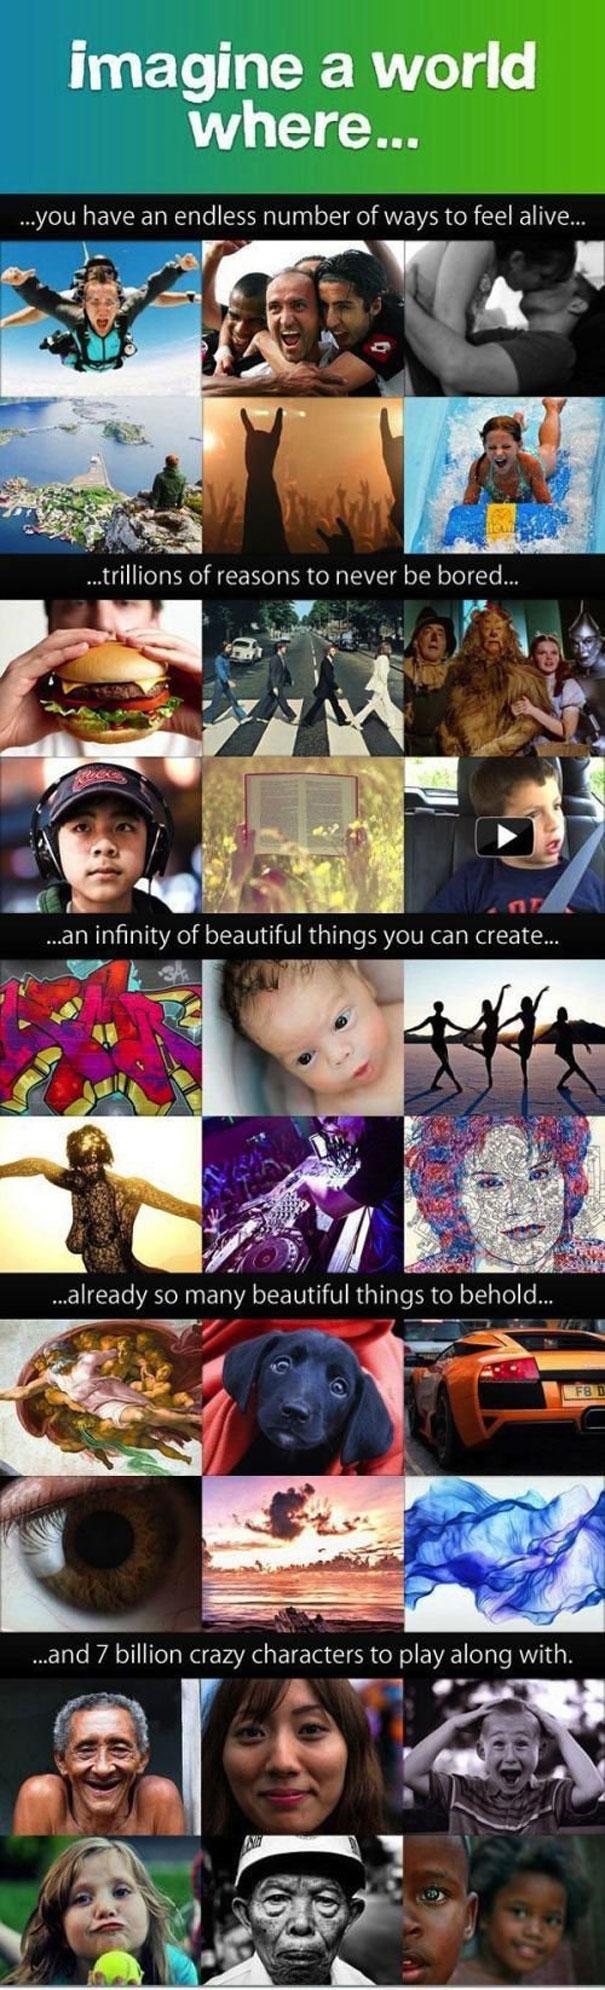 Μοναδικές φωτογραφίες που θα αποκαταστήσουν την πίστη σας στην ανθρωπότητα (4)